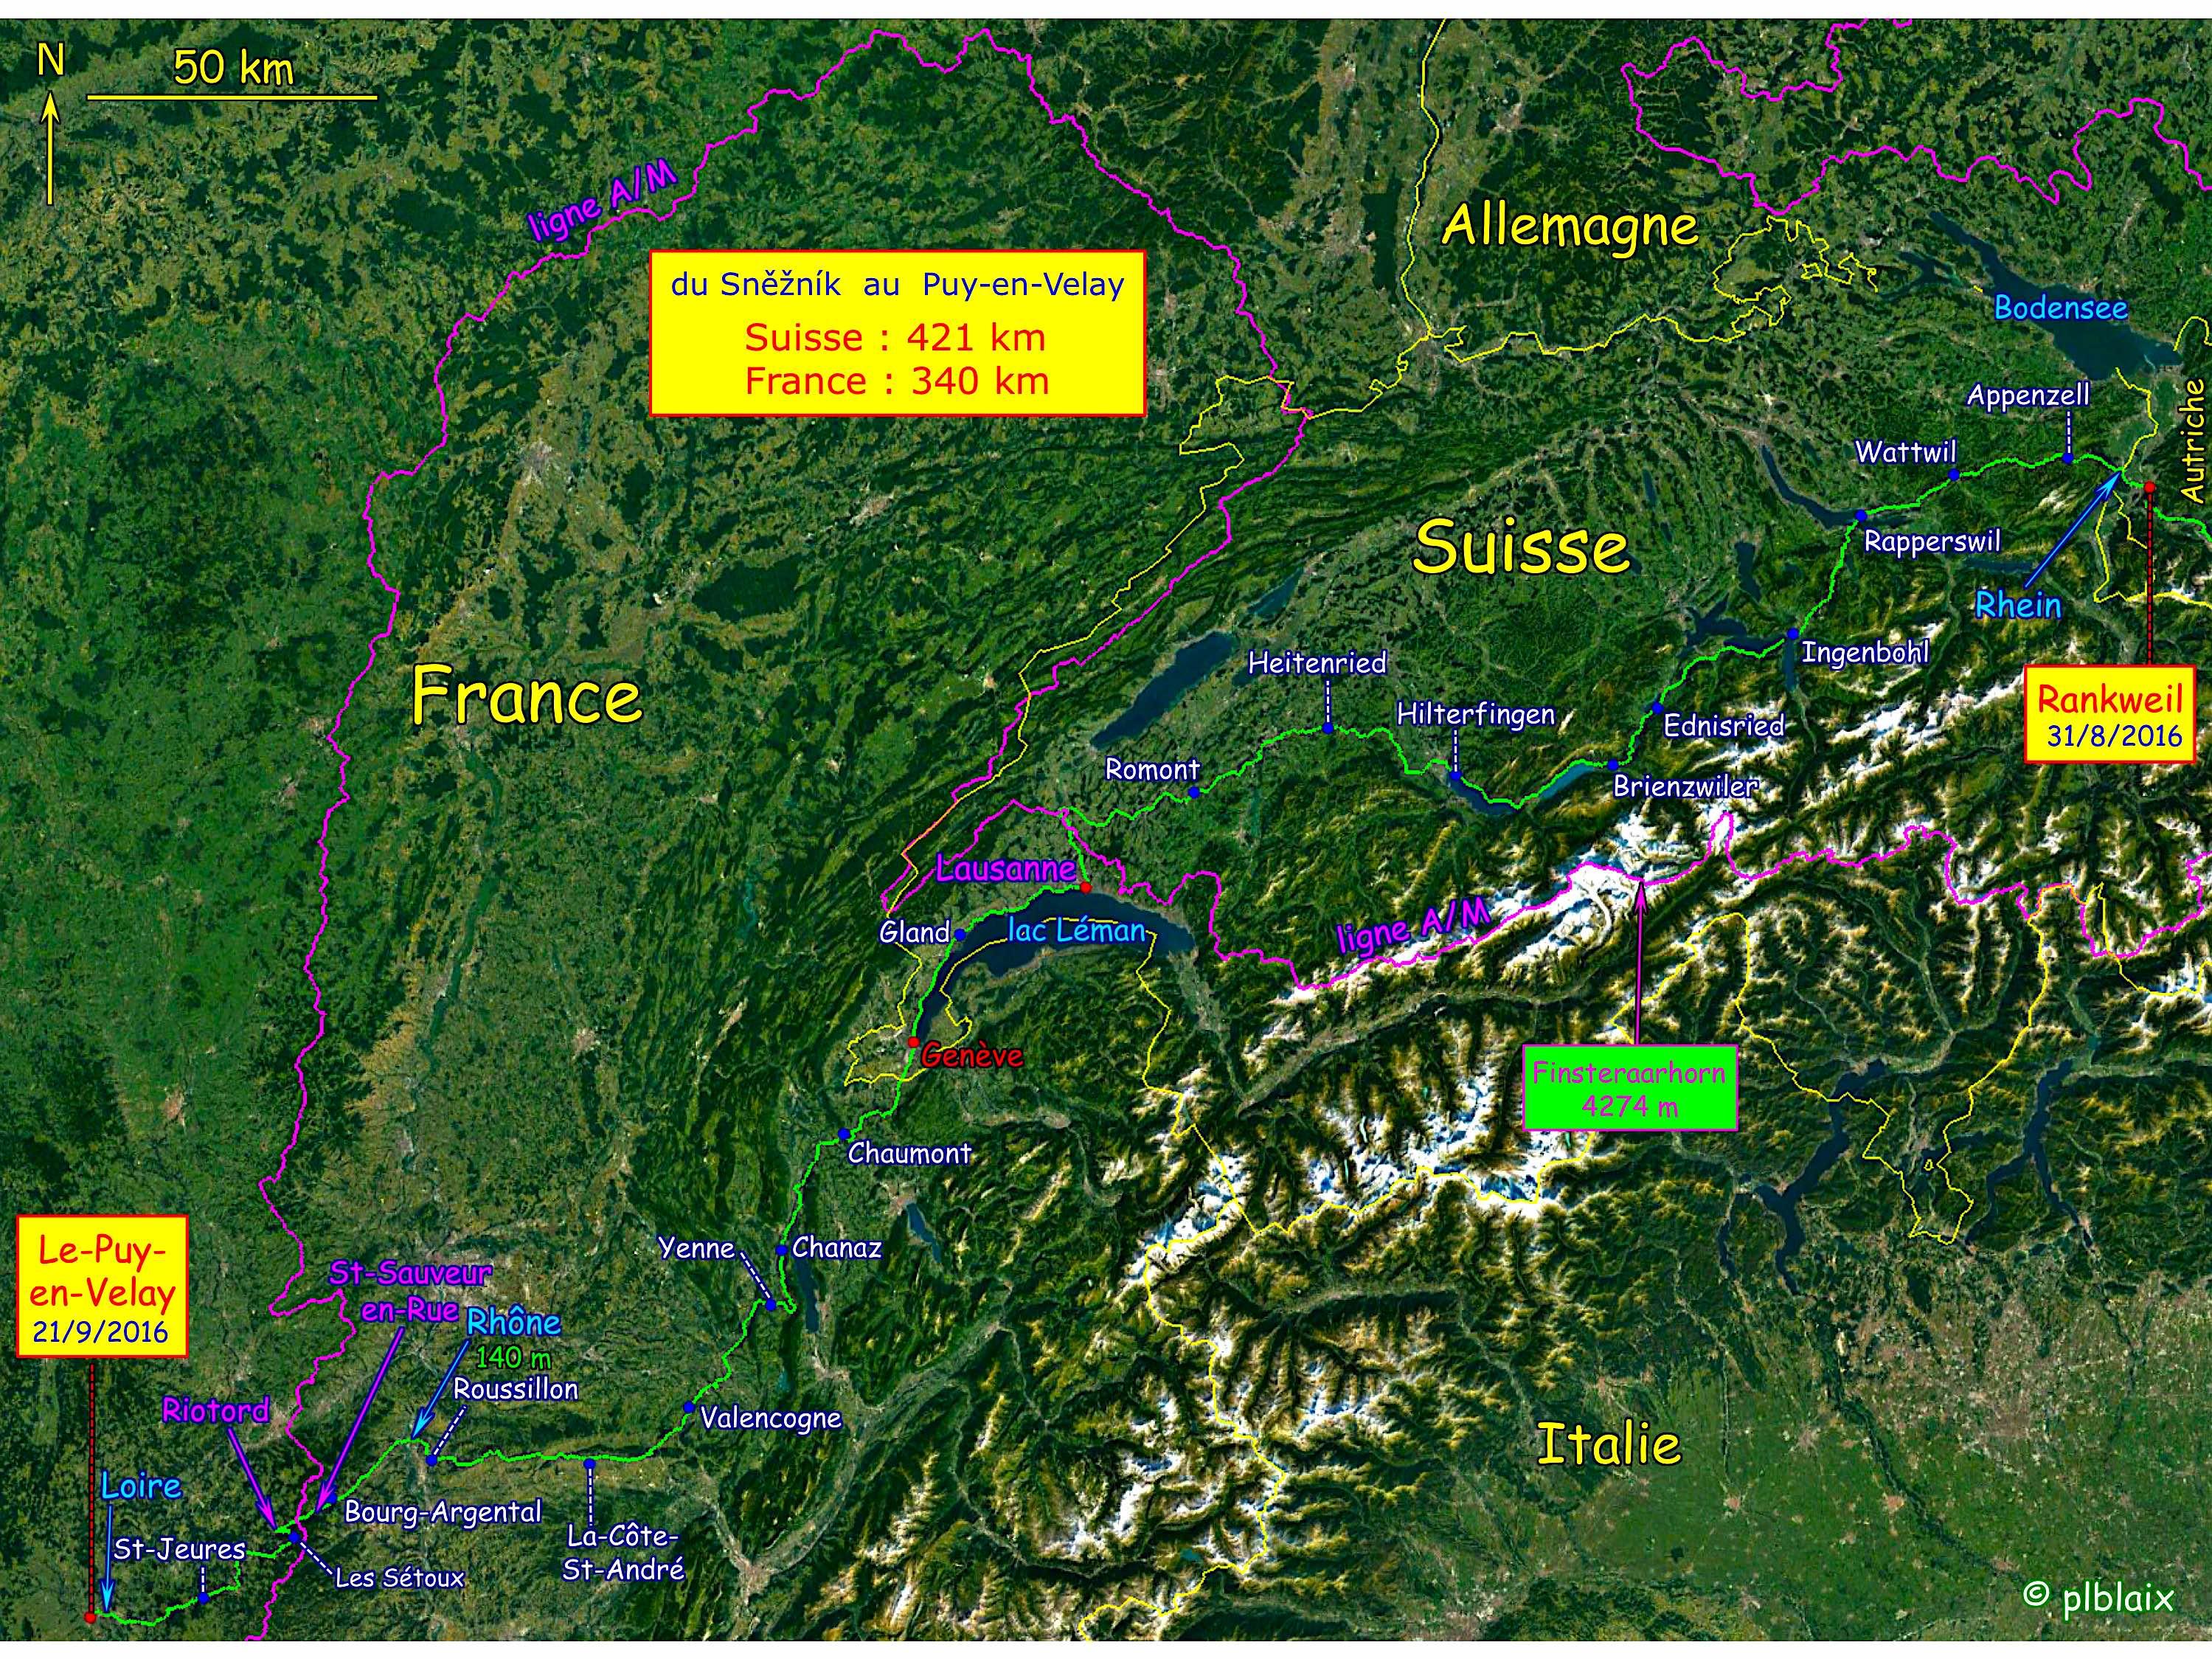 carte-reduite-chemin-en-suisse-et-france